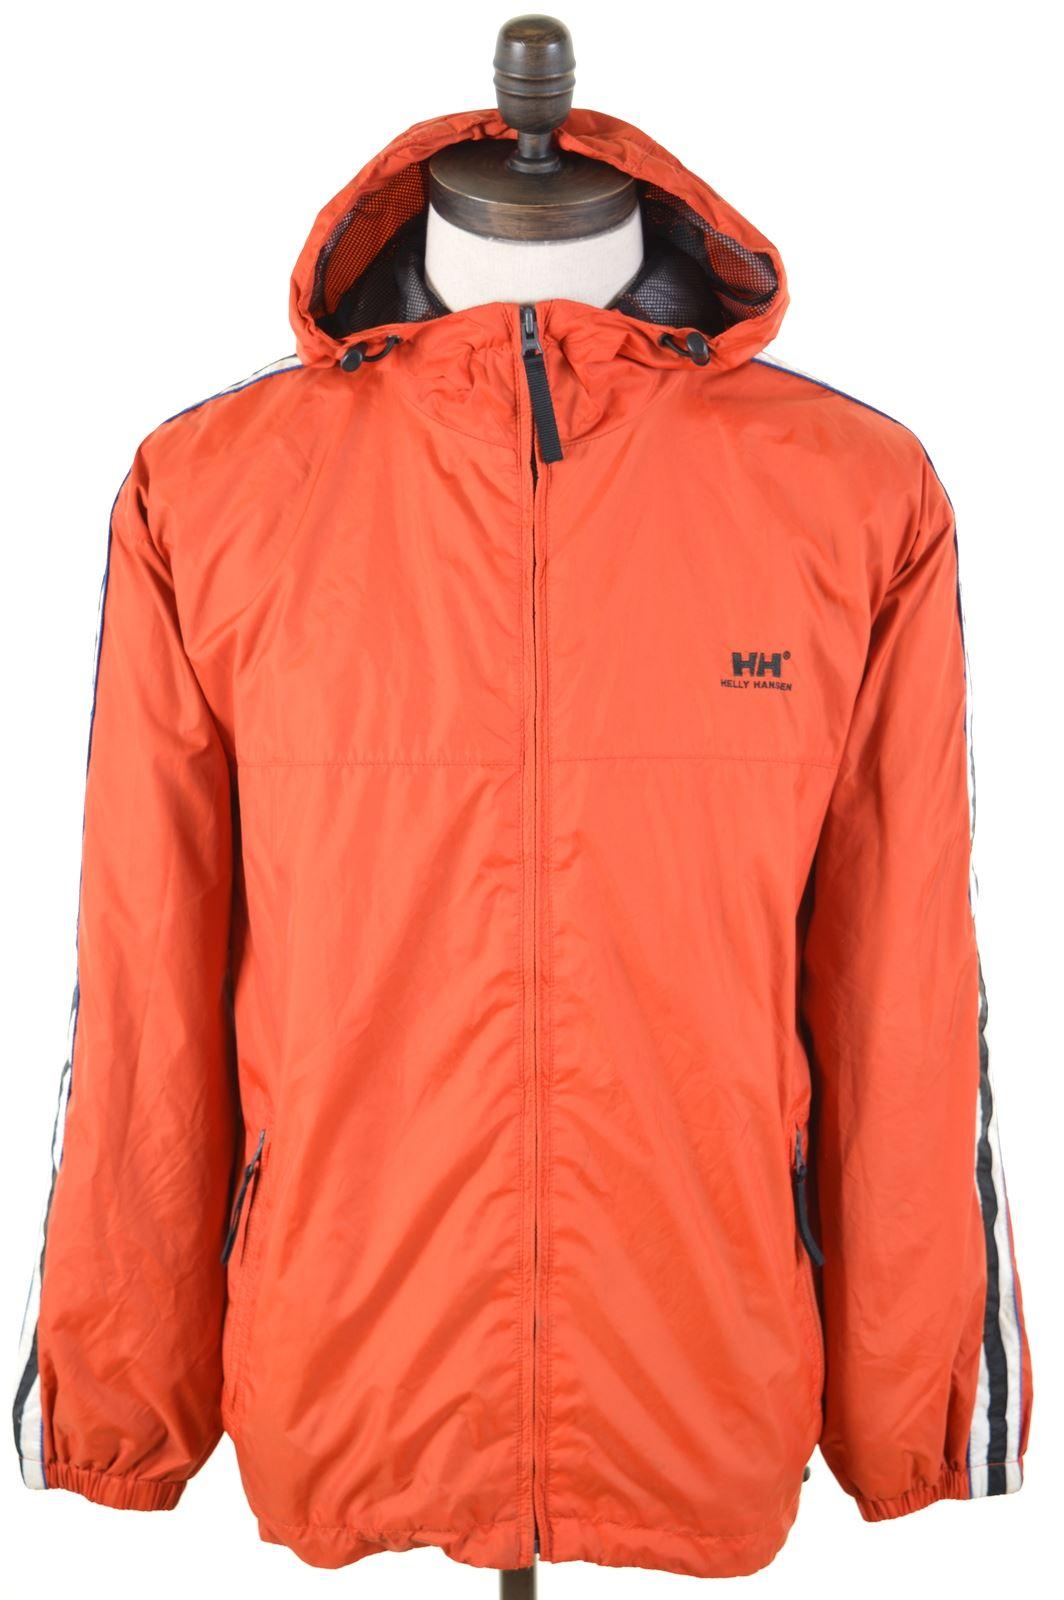 0b71b044 HELLY HANSEN Mens Rain Jacket Size 36 Small Orange Nylon BI17 | eBay